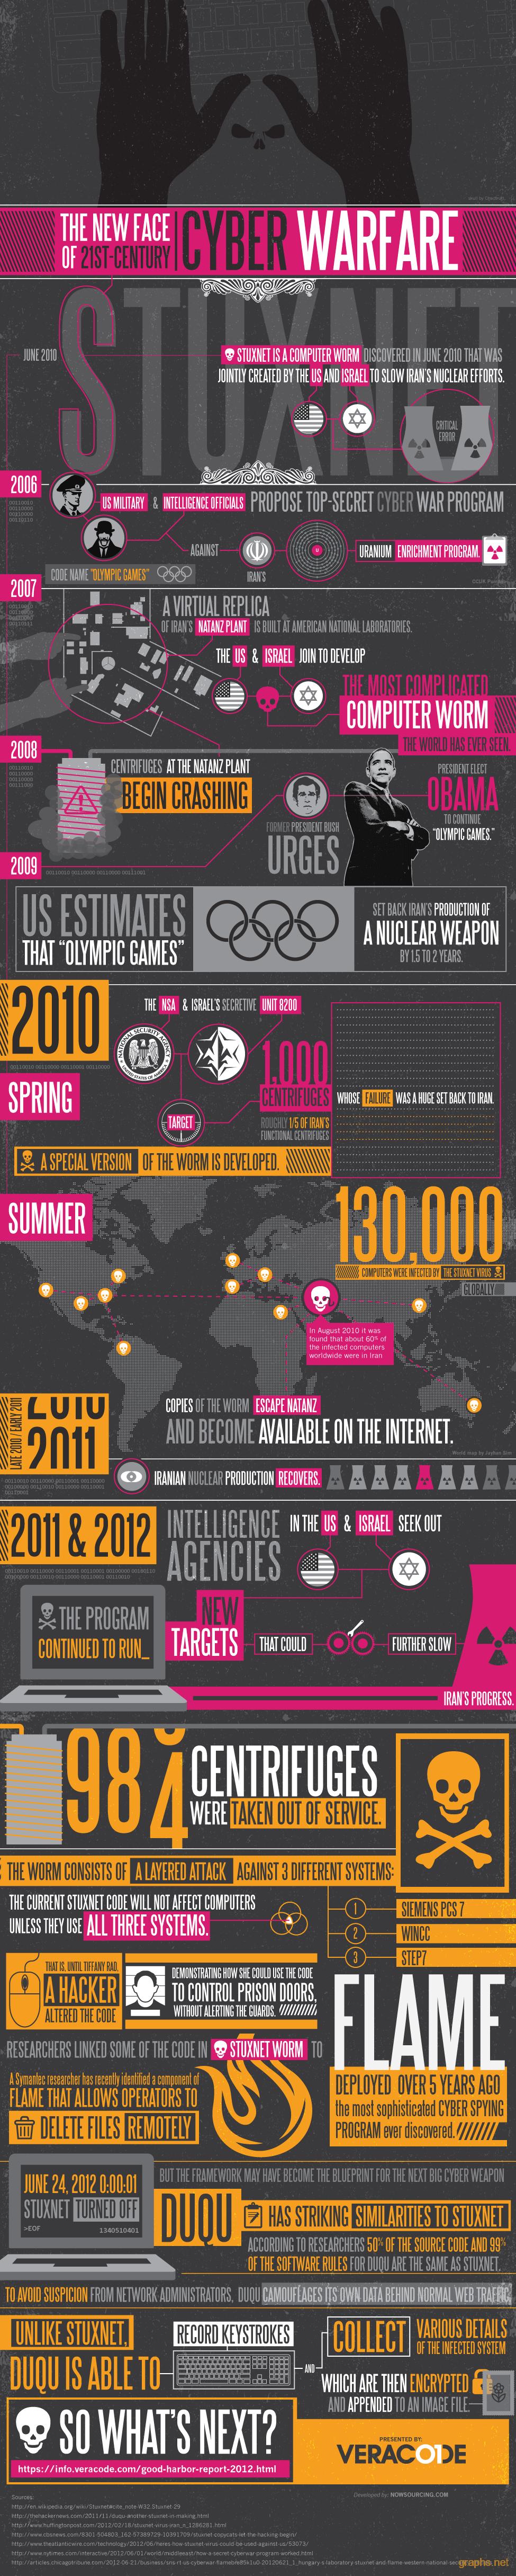 21st Century Cyber Warfare